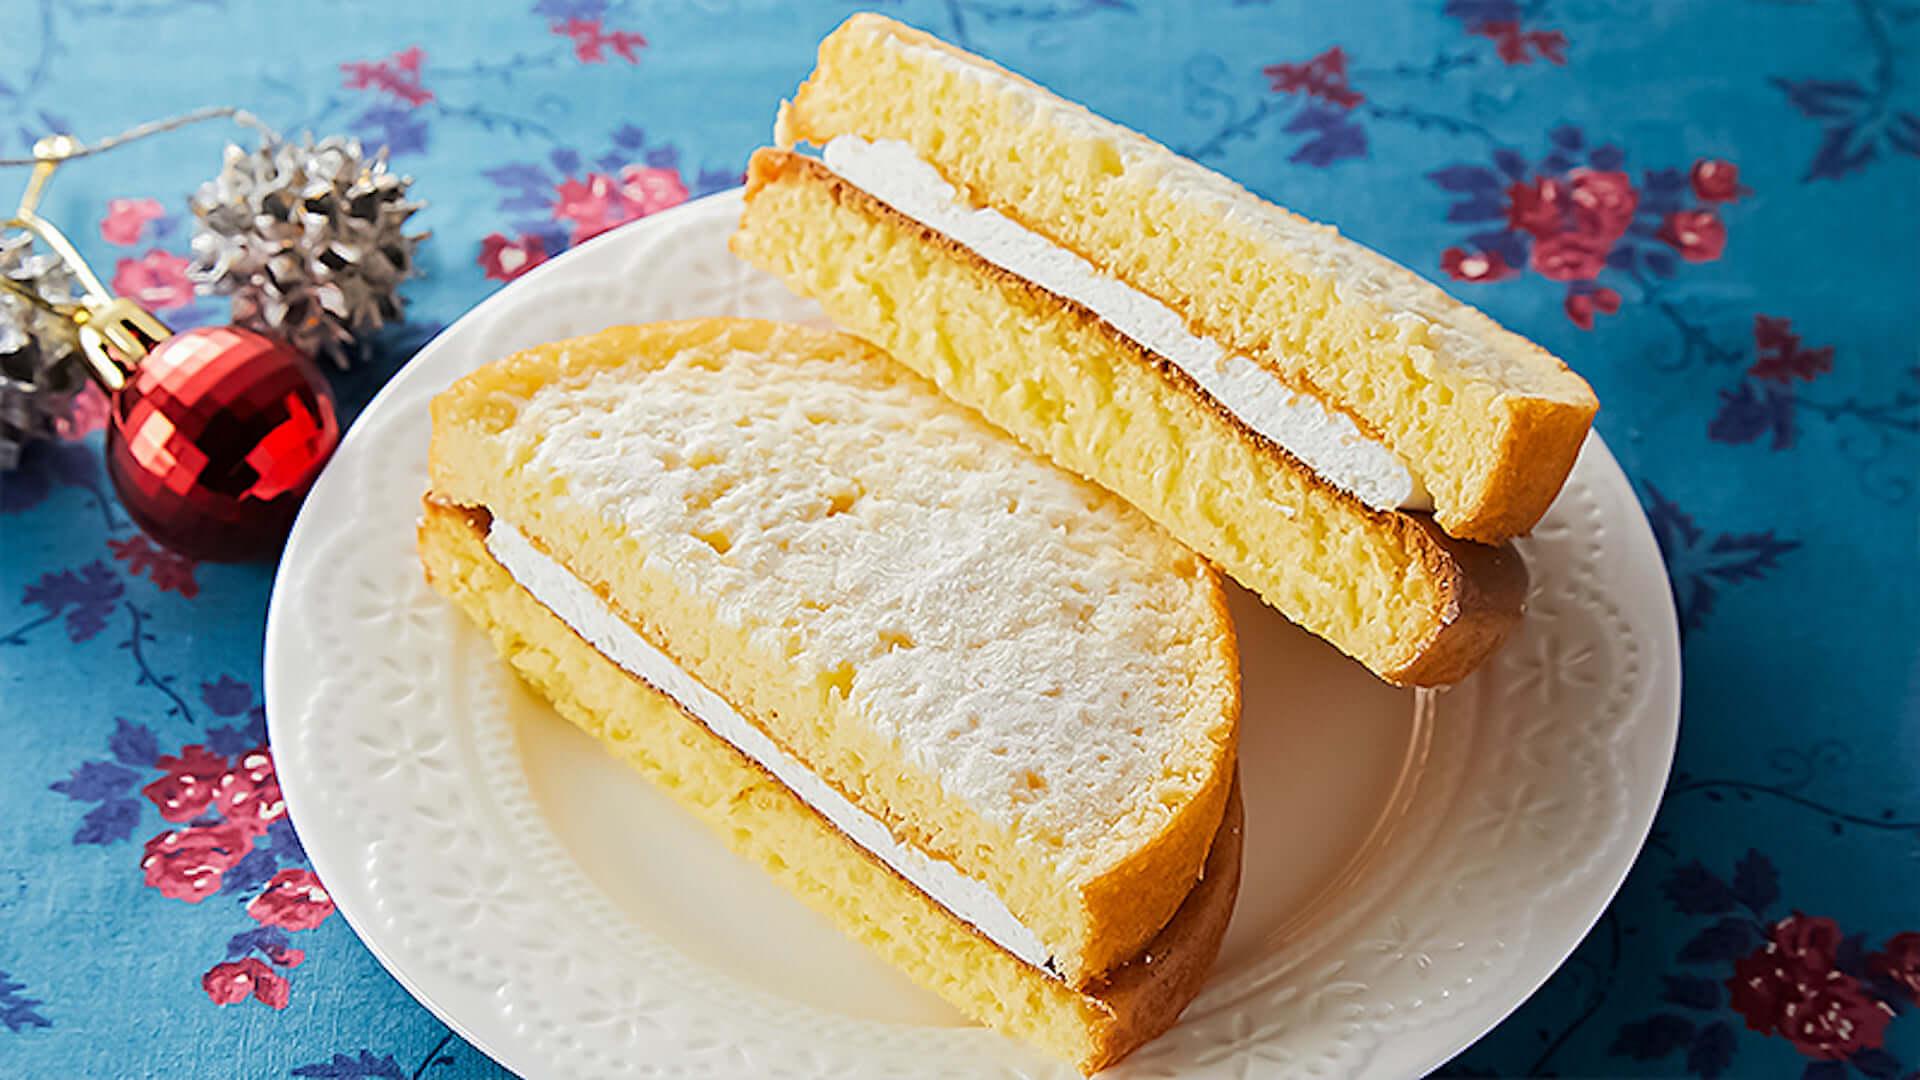 ローソンストア100からクリスマスにぴったりなスイーツ『クグロフ』や『世界に1つだけのケーキ作っちゃお!!』など続々登場!12月の新商品が公開 gourmet201201_lawsonstore100_2-1920x1080